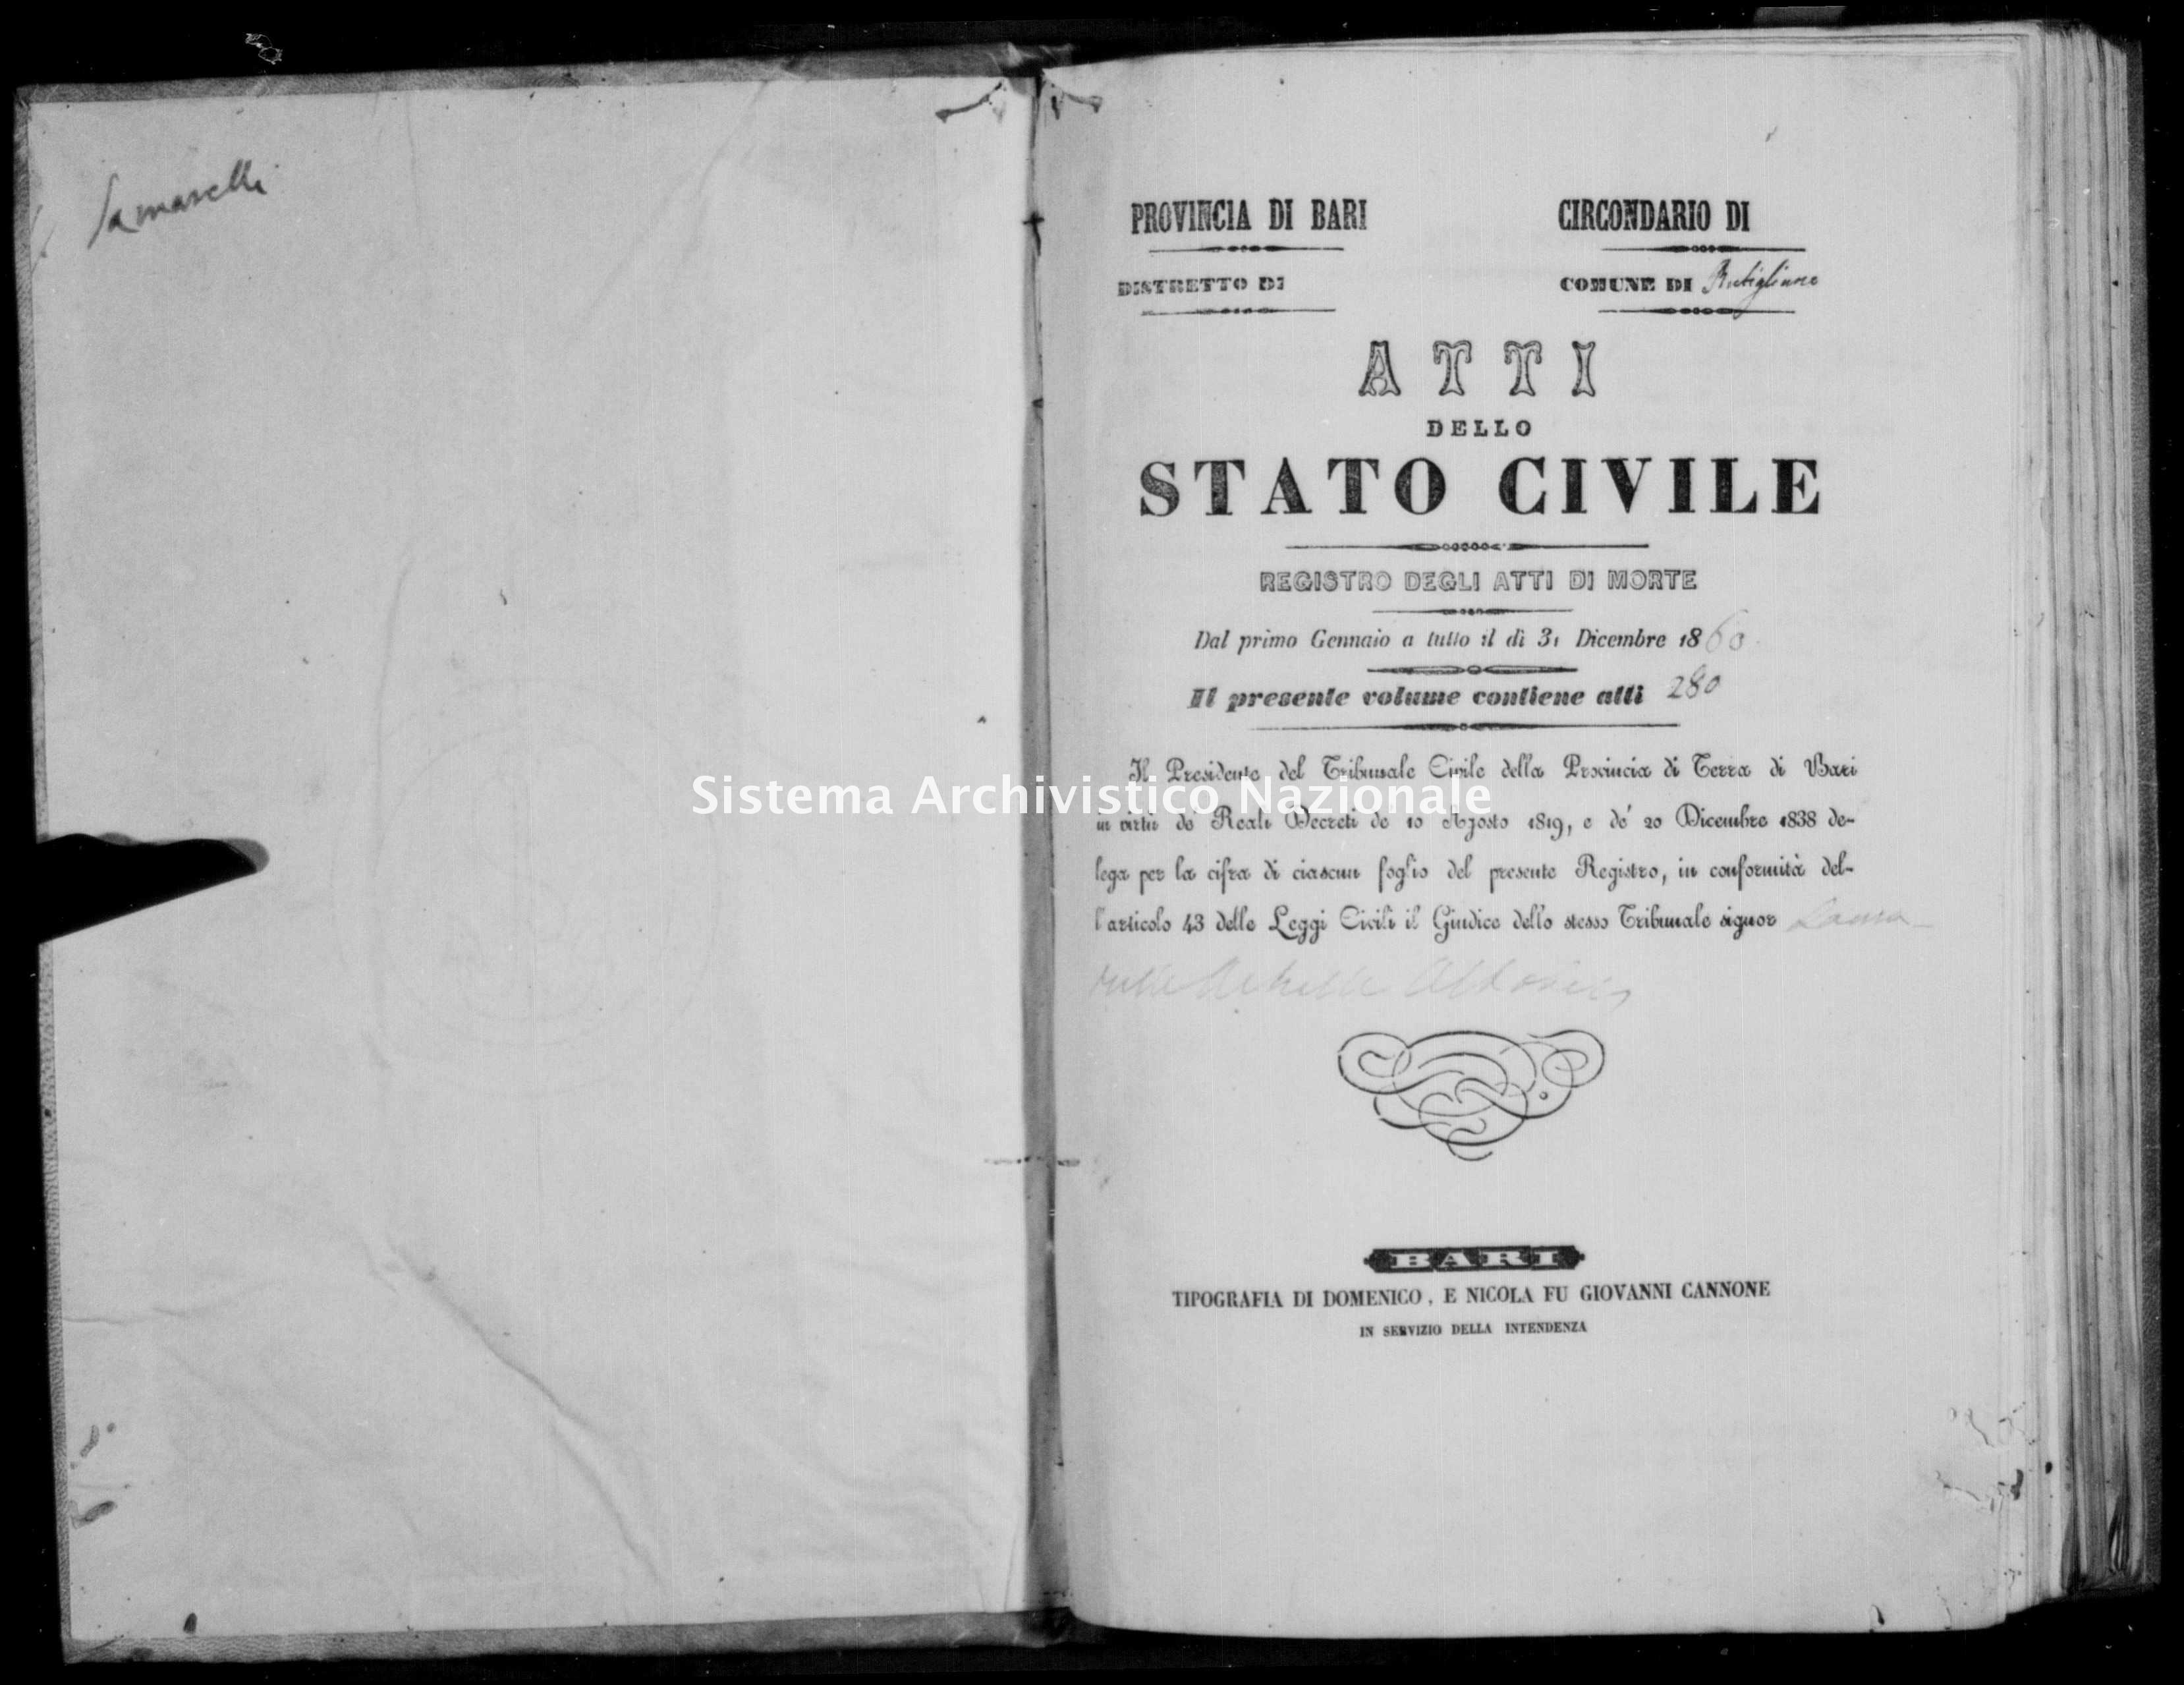 Archivio di stato di Bari - Stato civile della restaurazione - Rutigliano - Morti - 1860 -